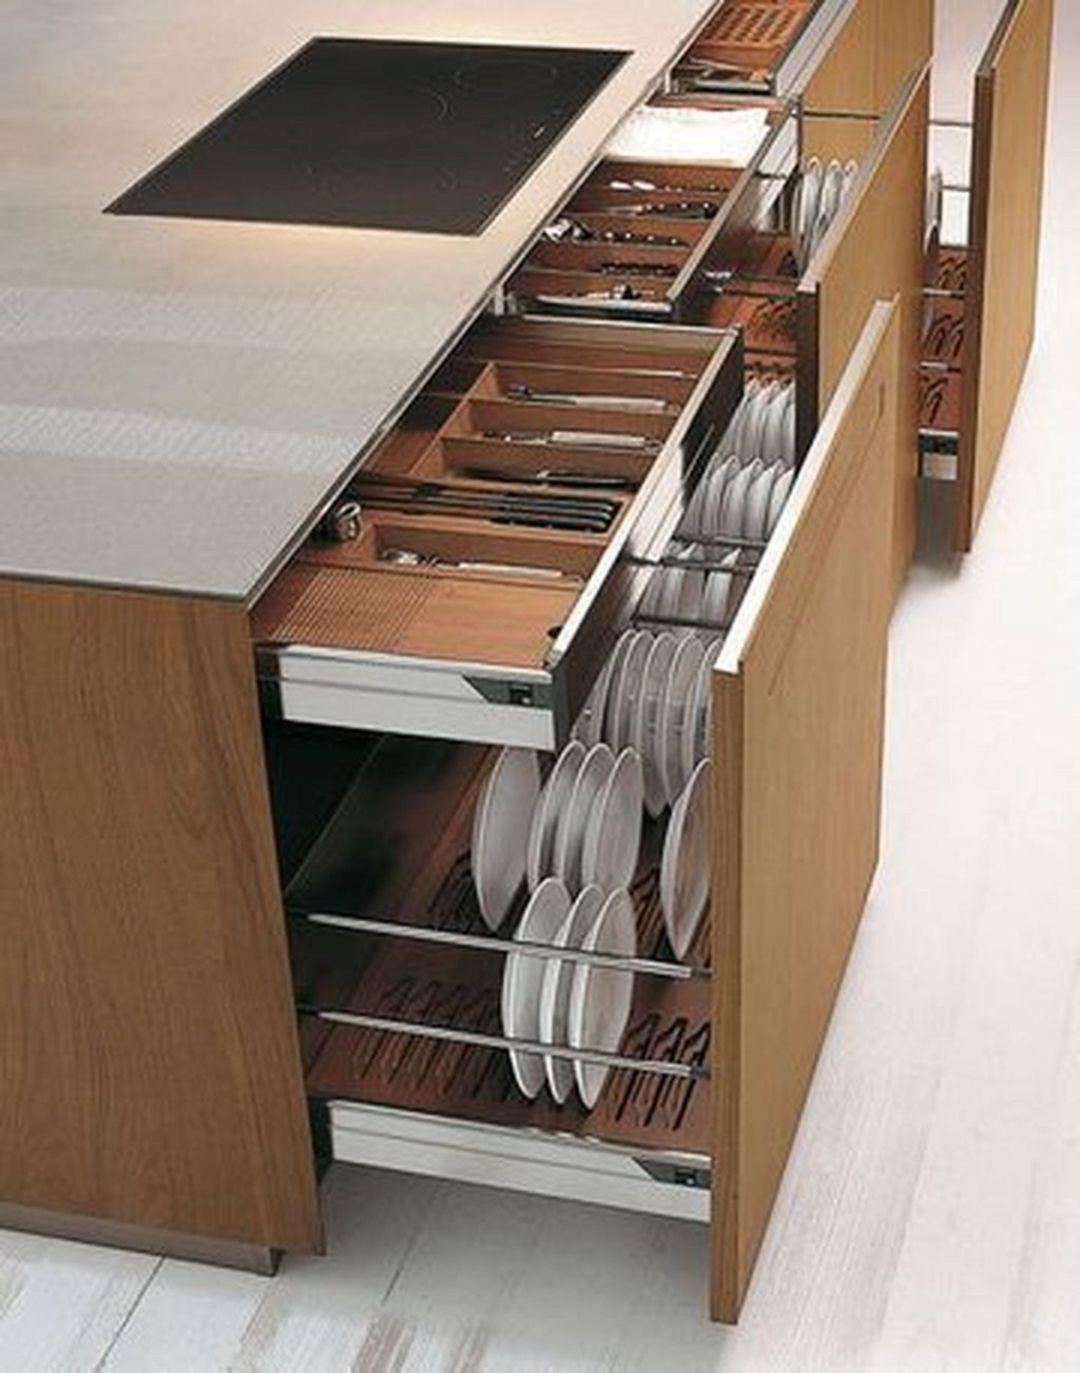 #kitchenstorage